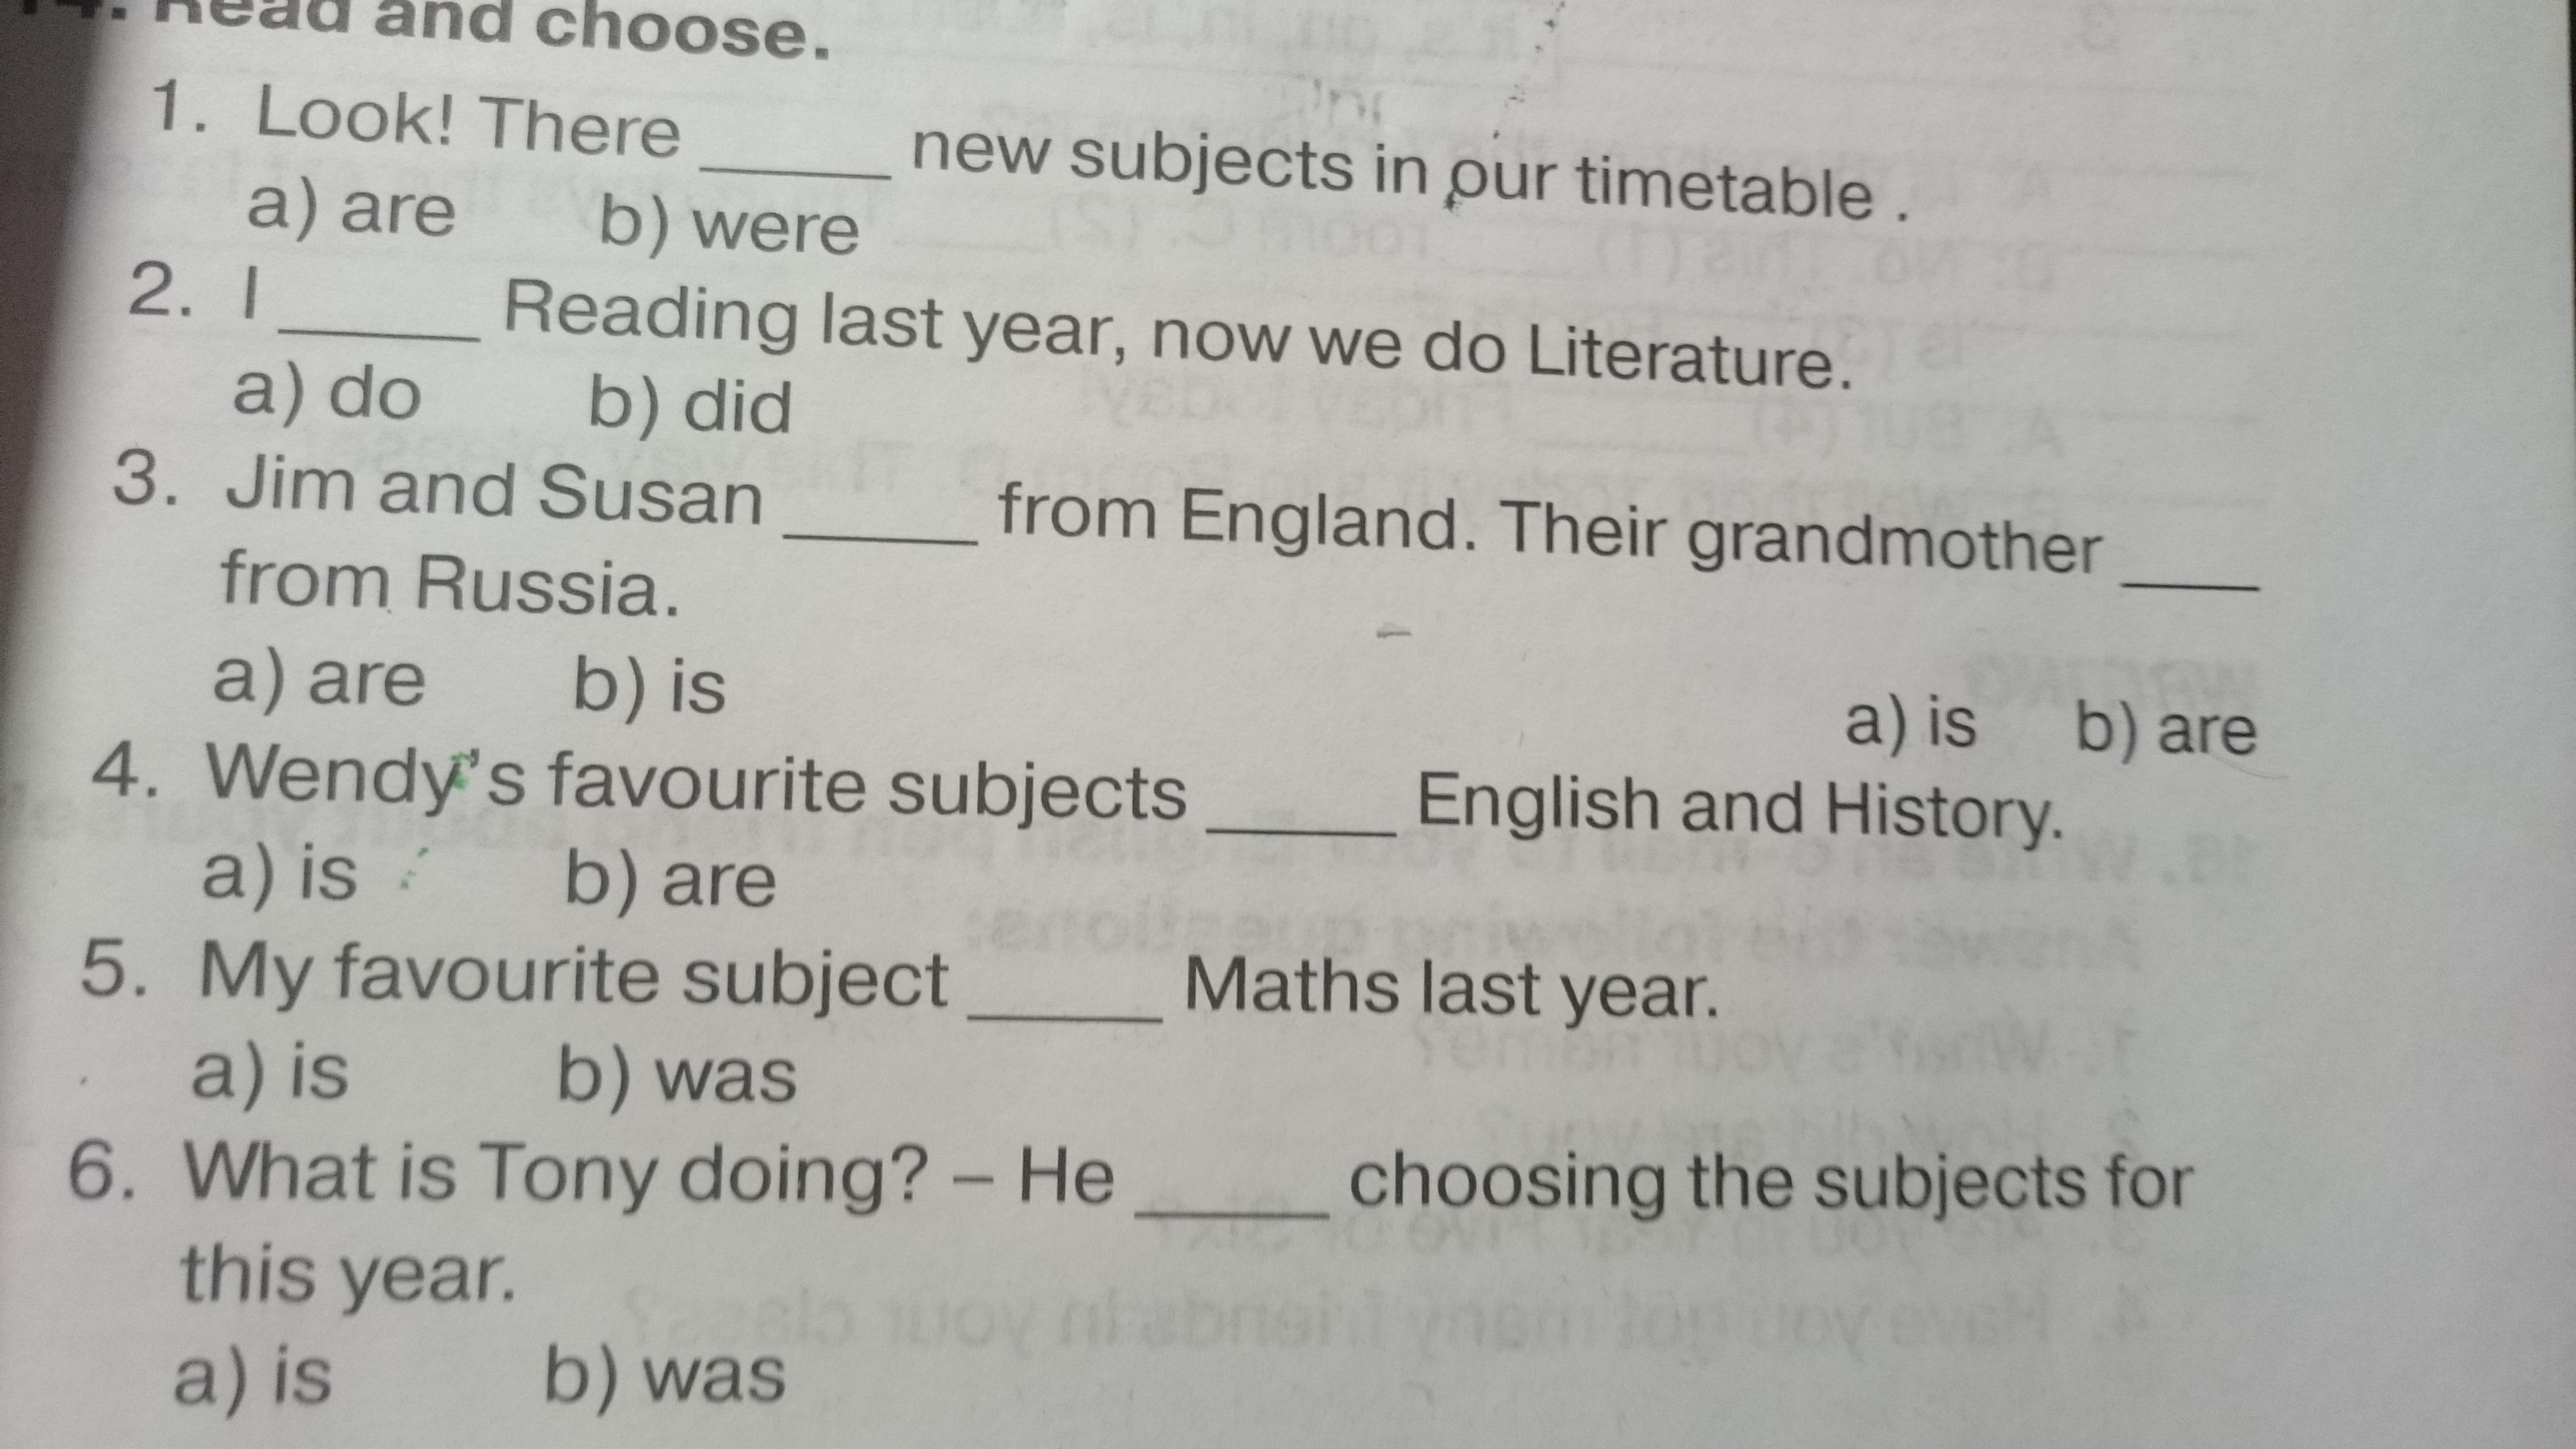 Помогите а Английским языком, у кого он есть 5 - класс - Английский в фокусе?